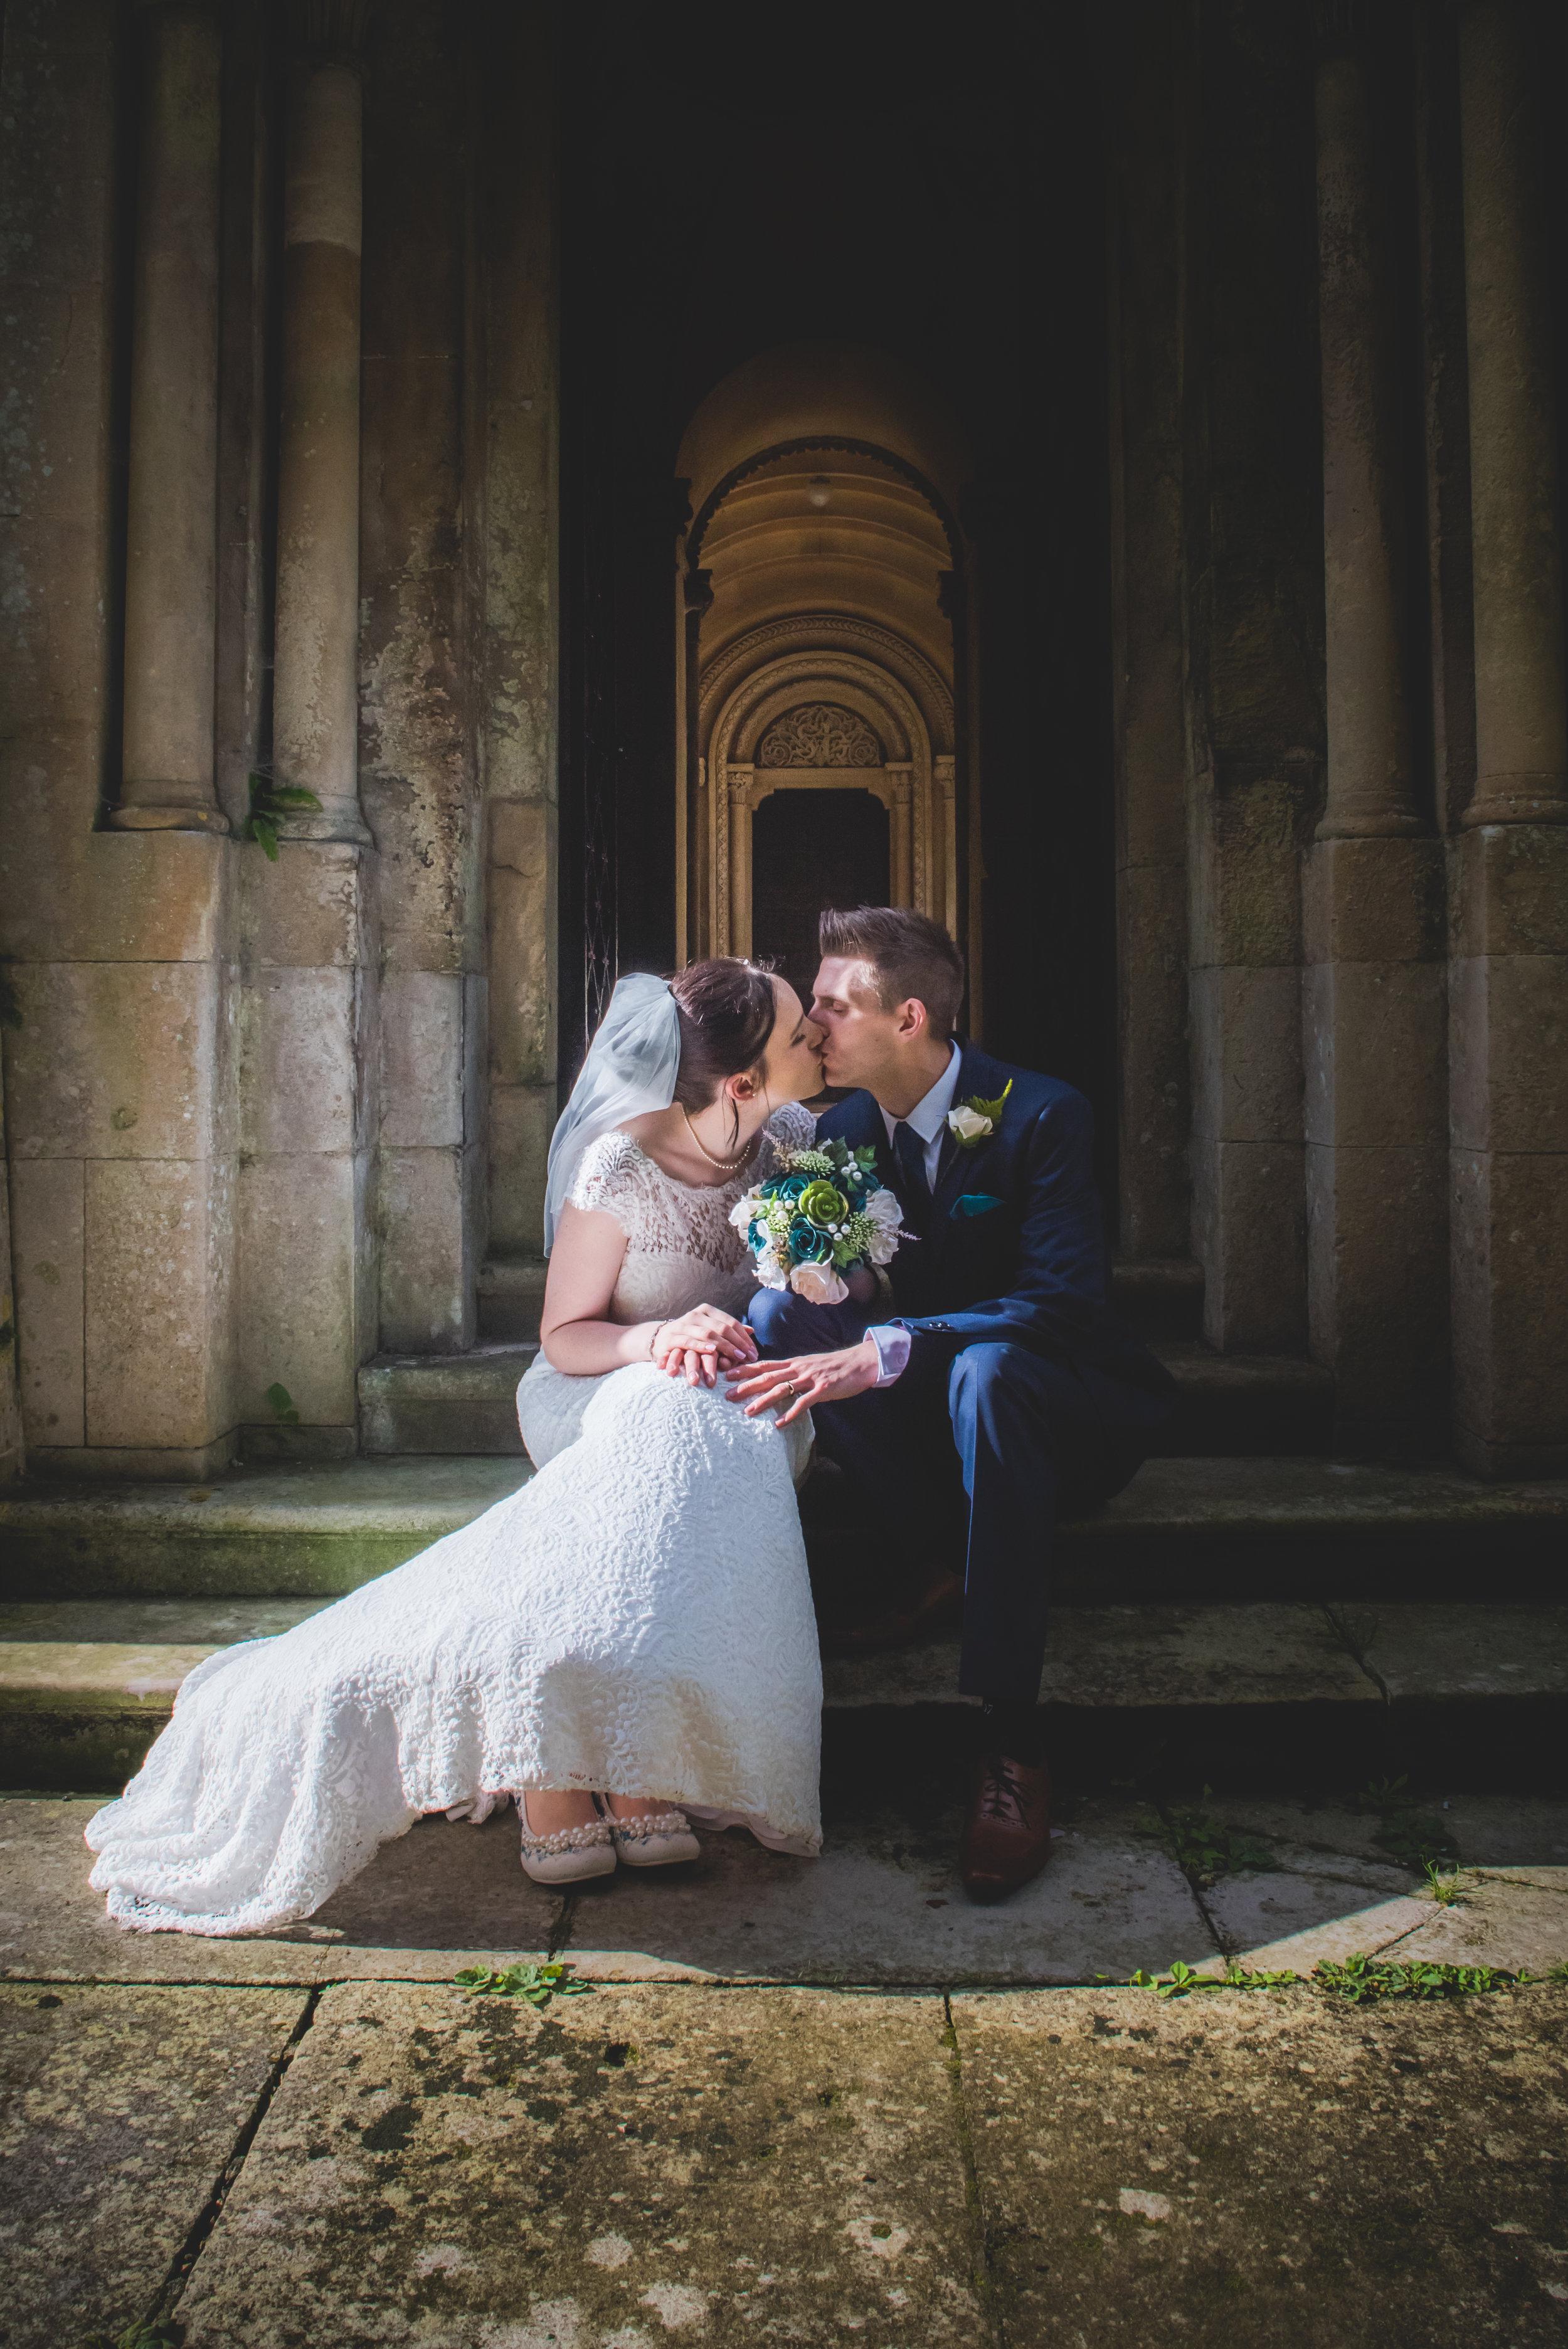 Mr & Mrs Whitaker - Full Day Package